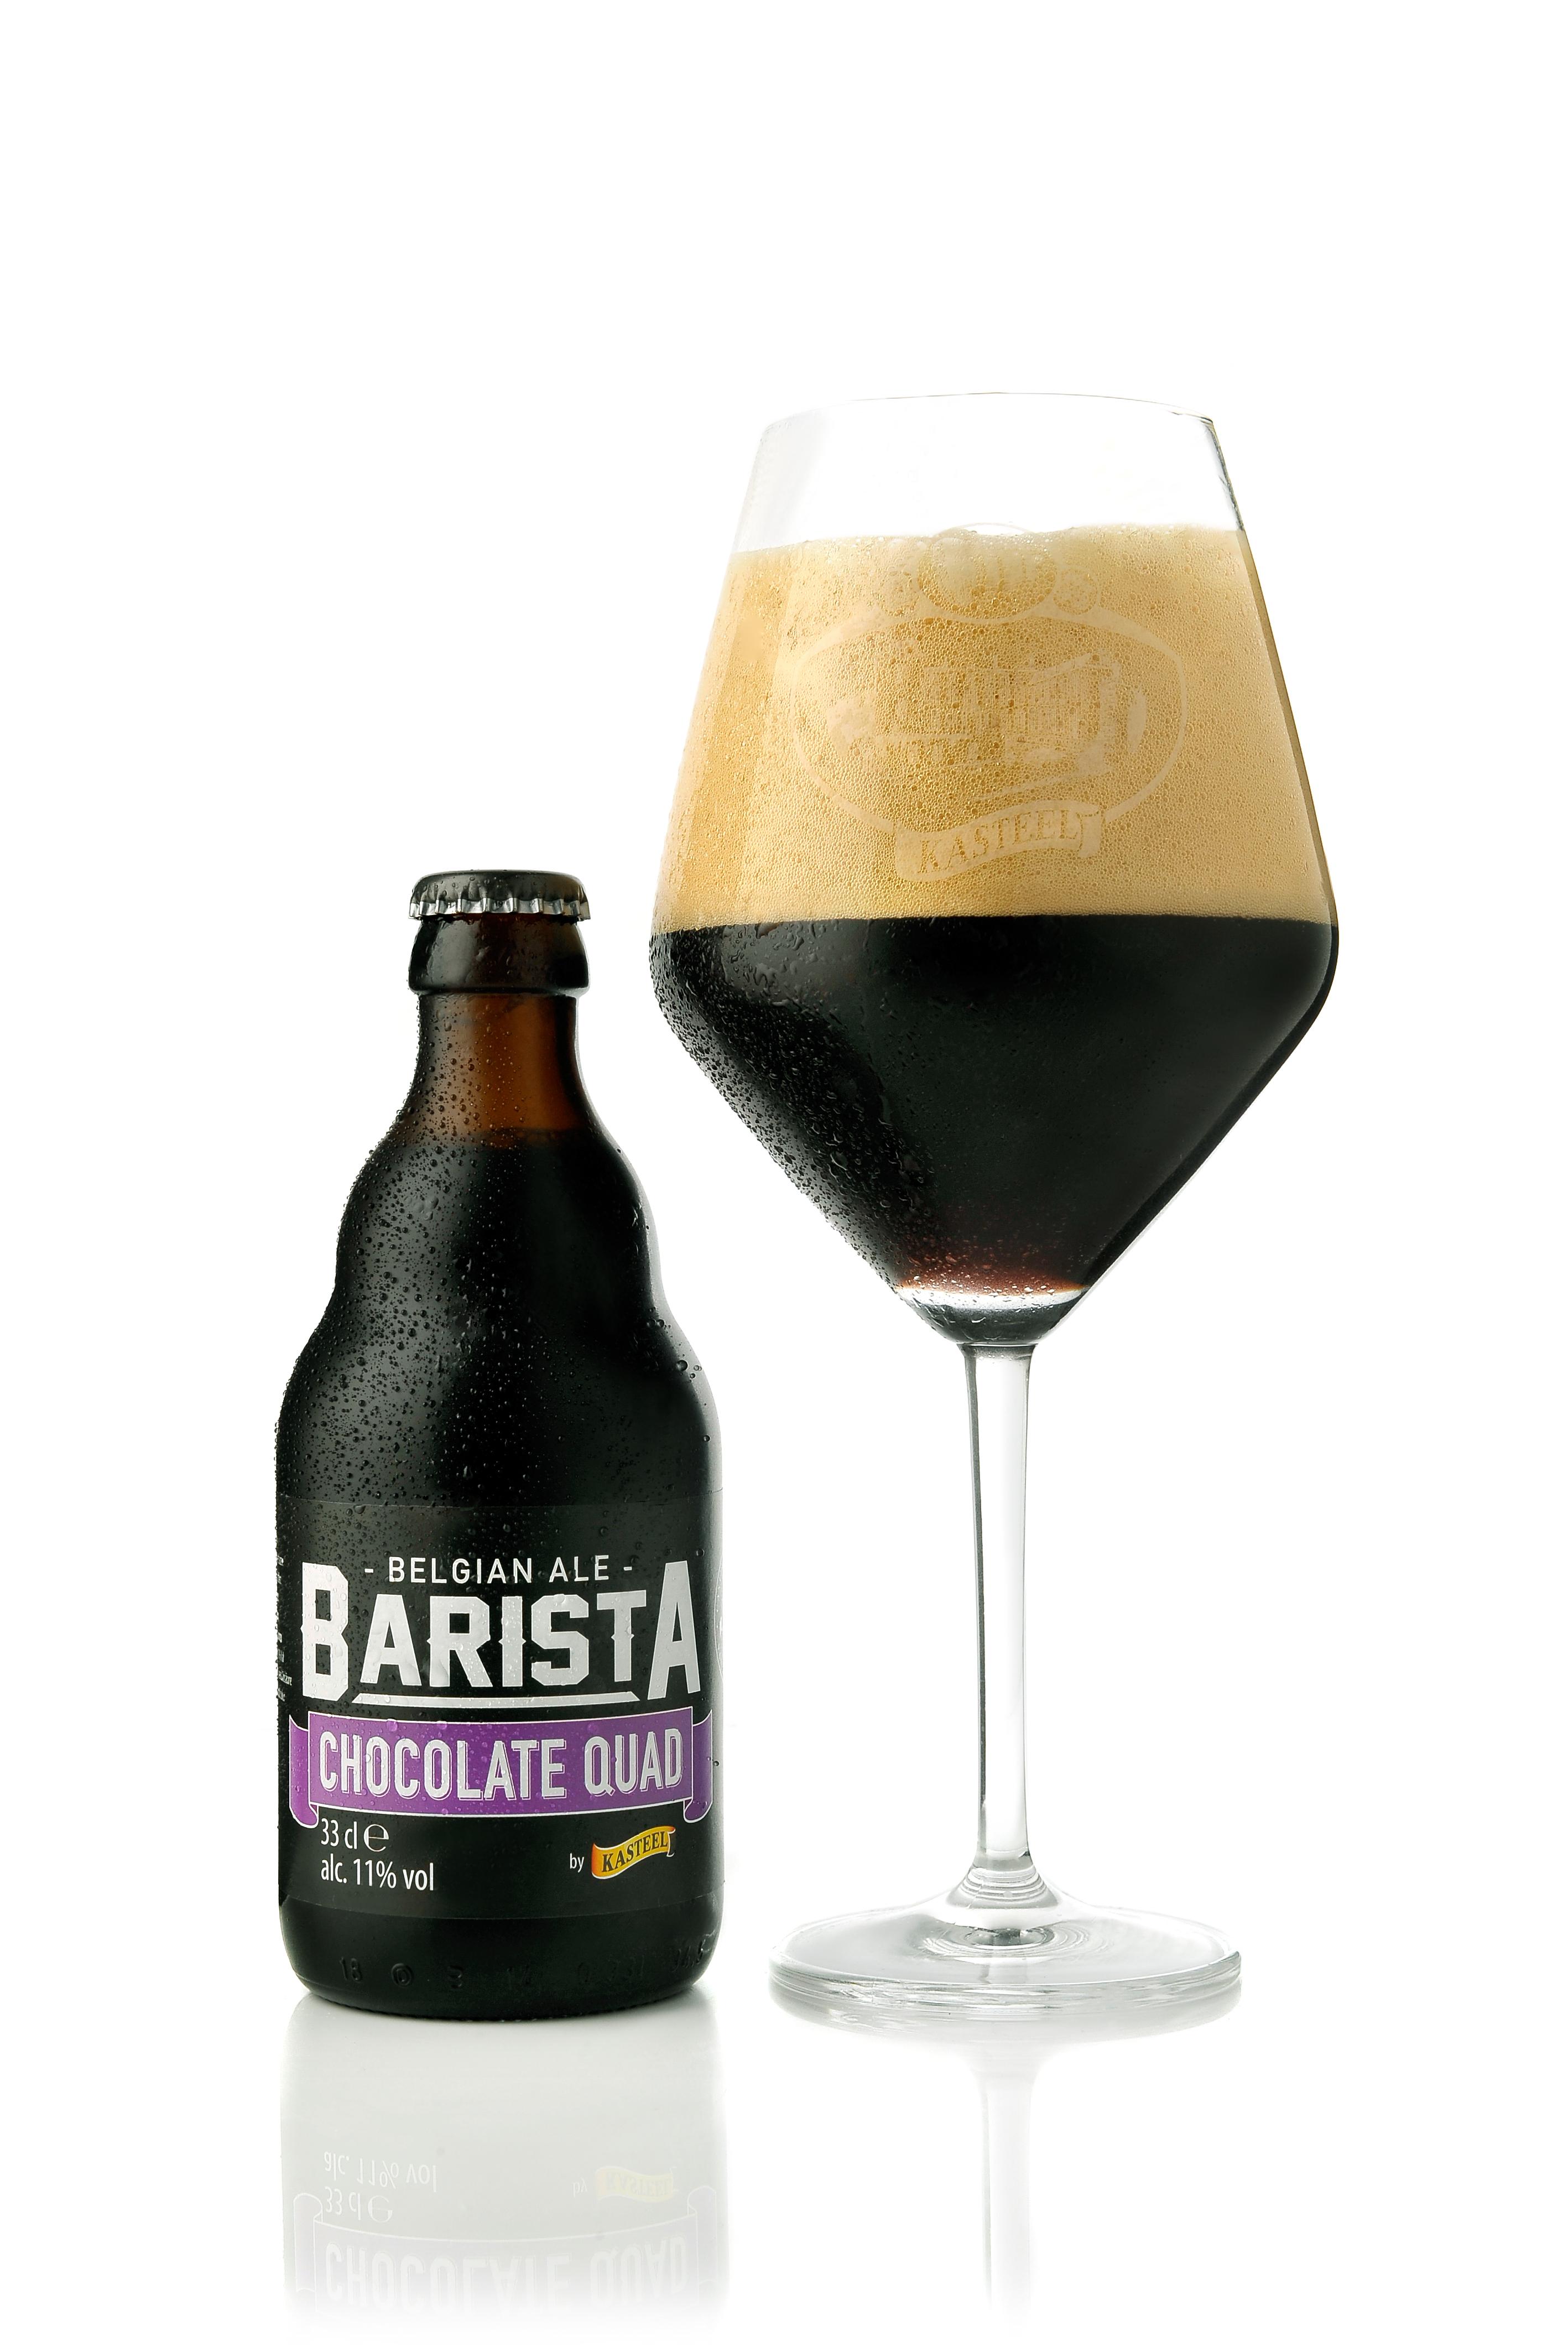 Belgian Ale Barista Chocolate Quad